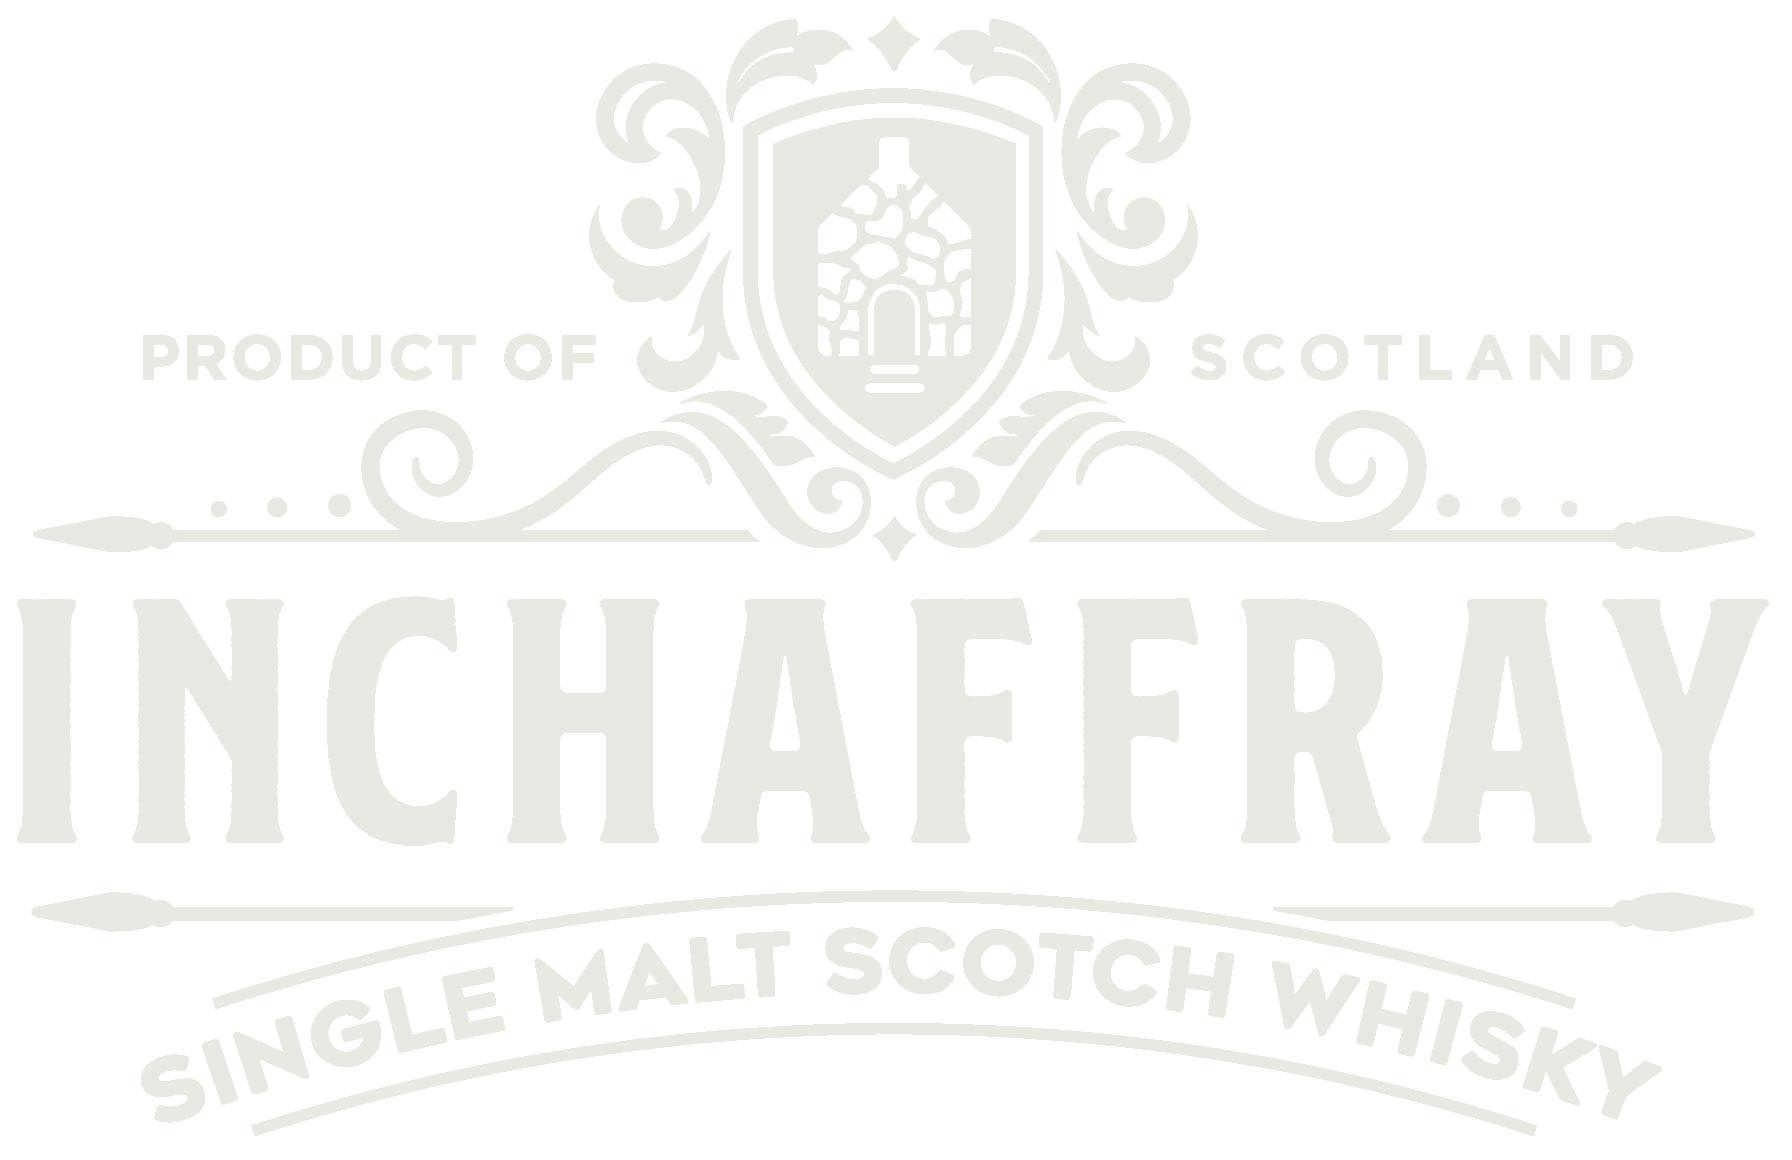 White Inchaffray Whisky logo